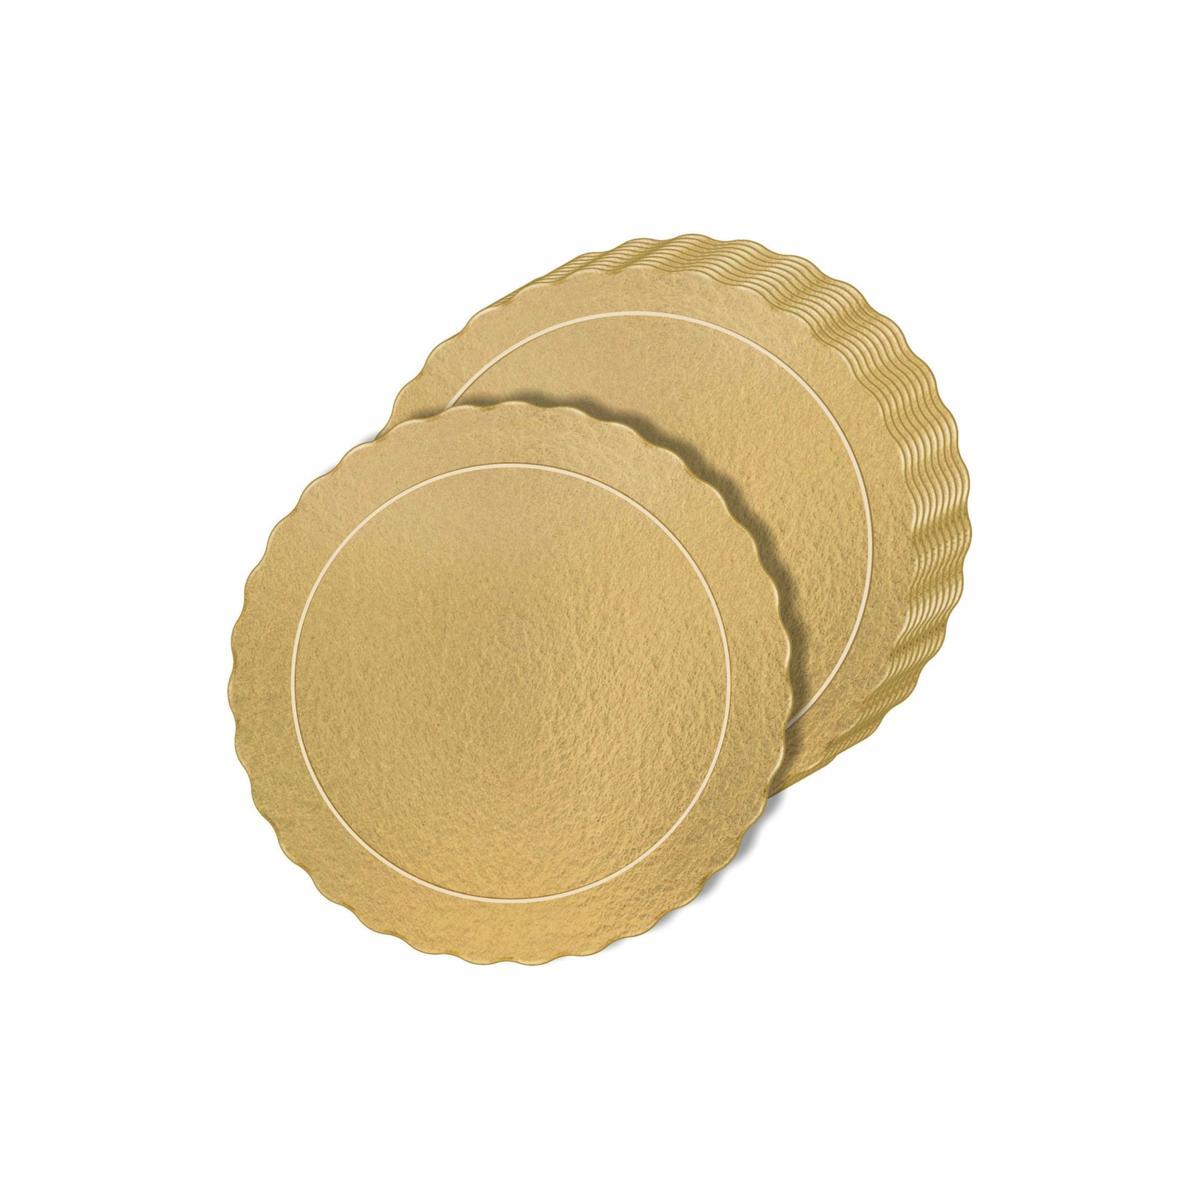 Kit 50 Bases Laminadas Para Bolo, Cake Board, 20 e 24cm